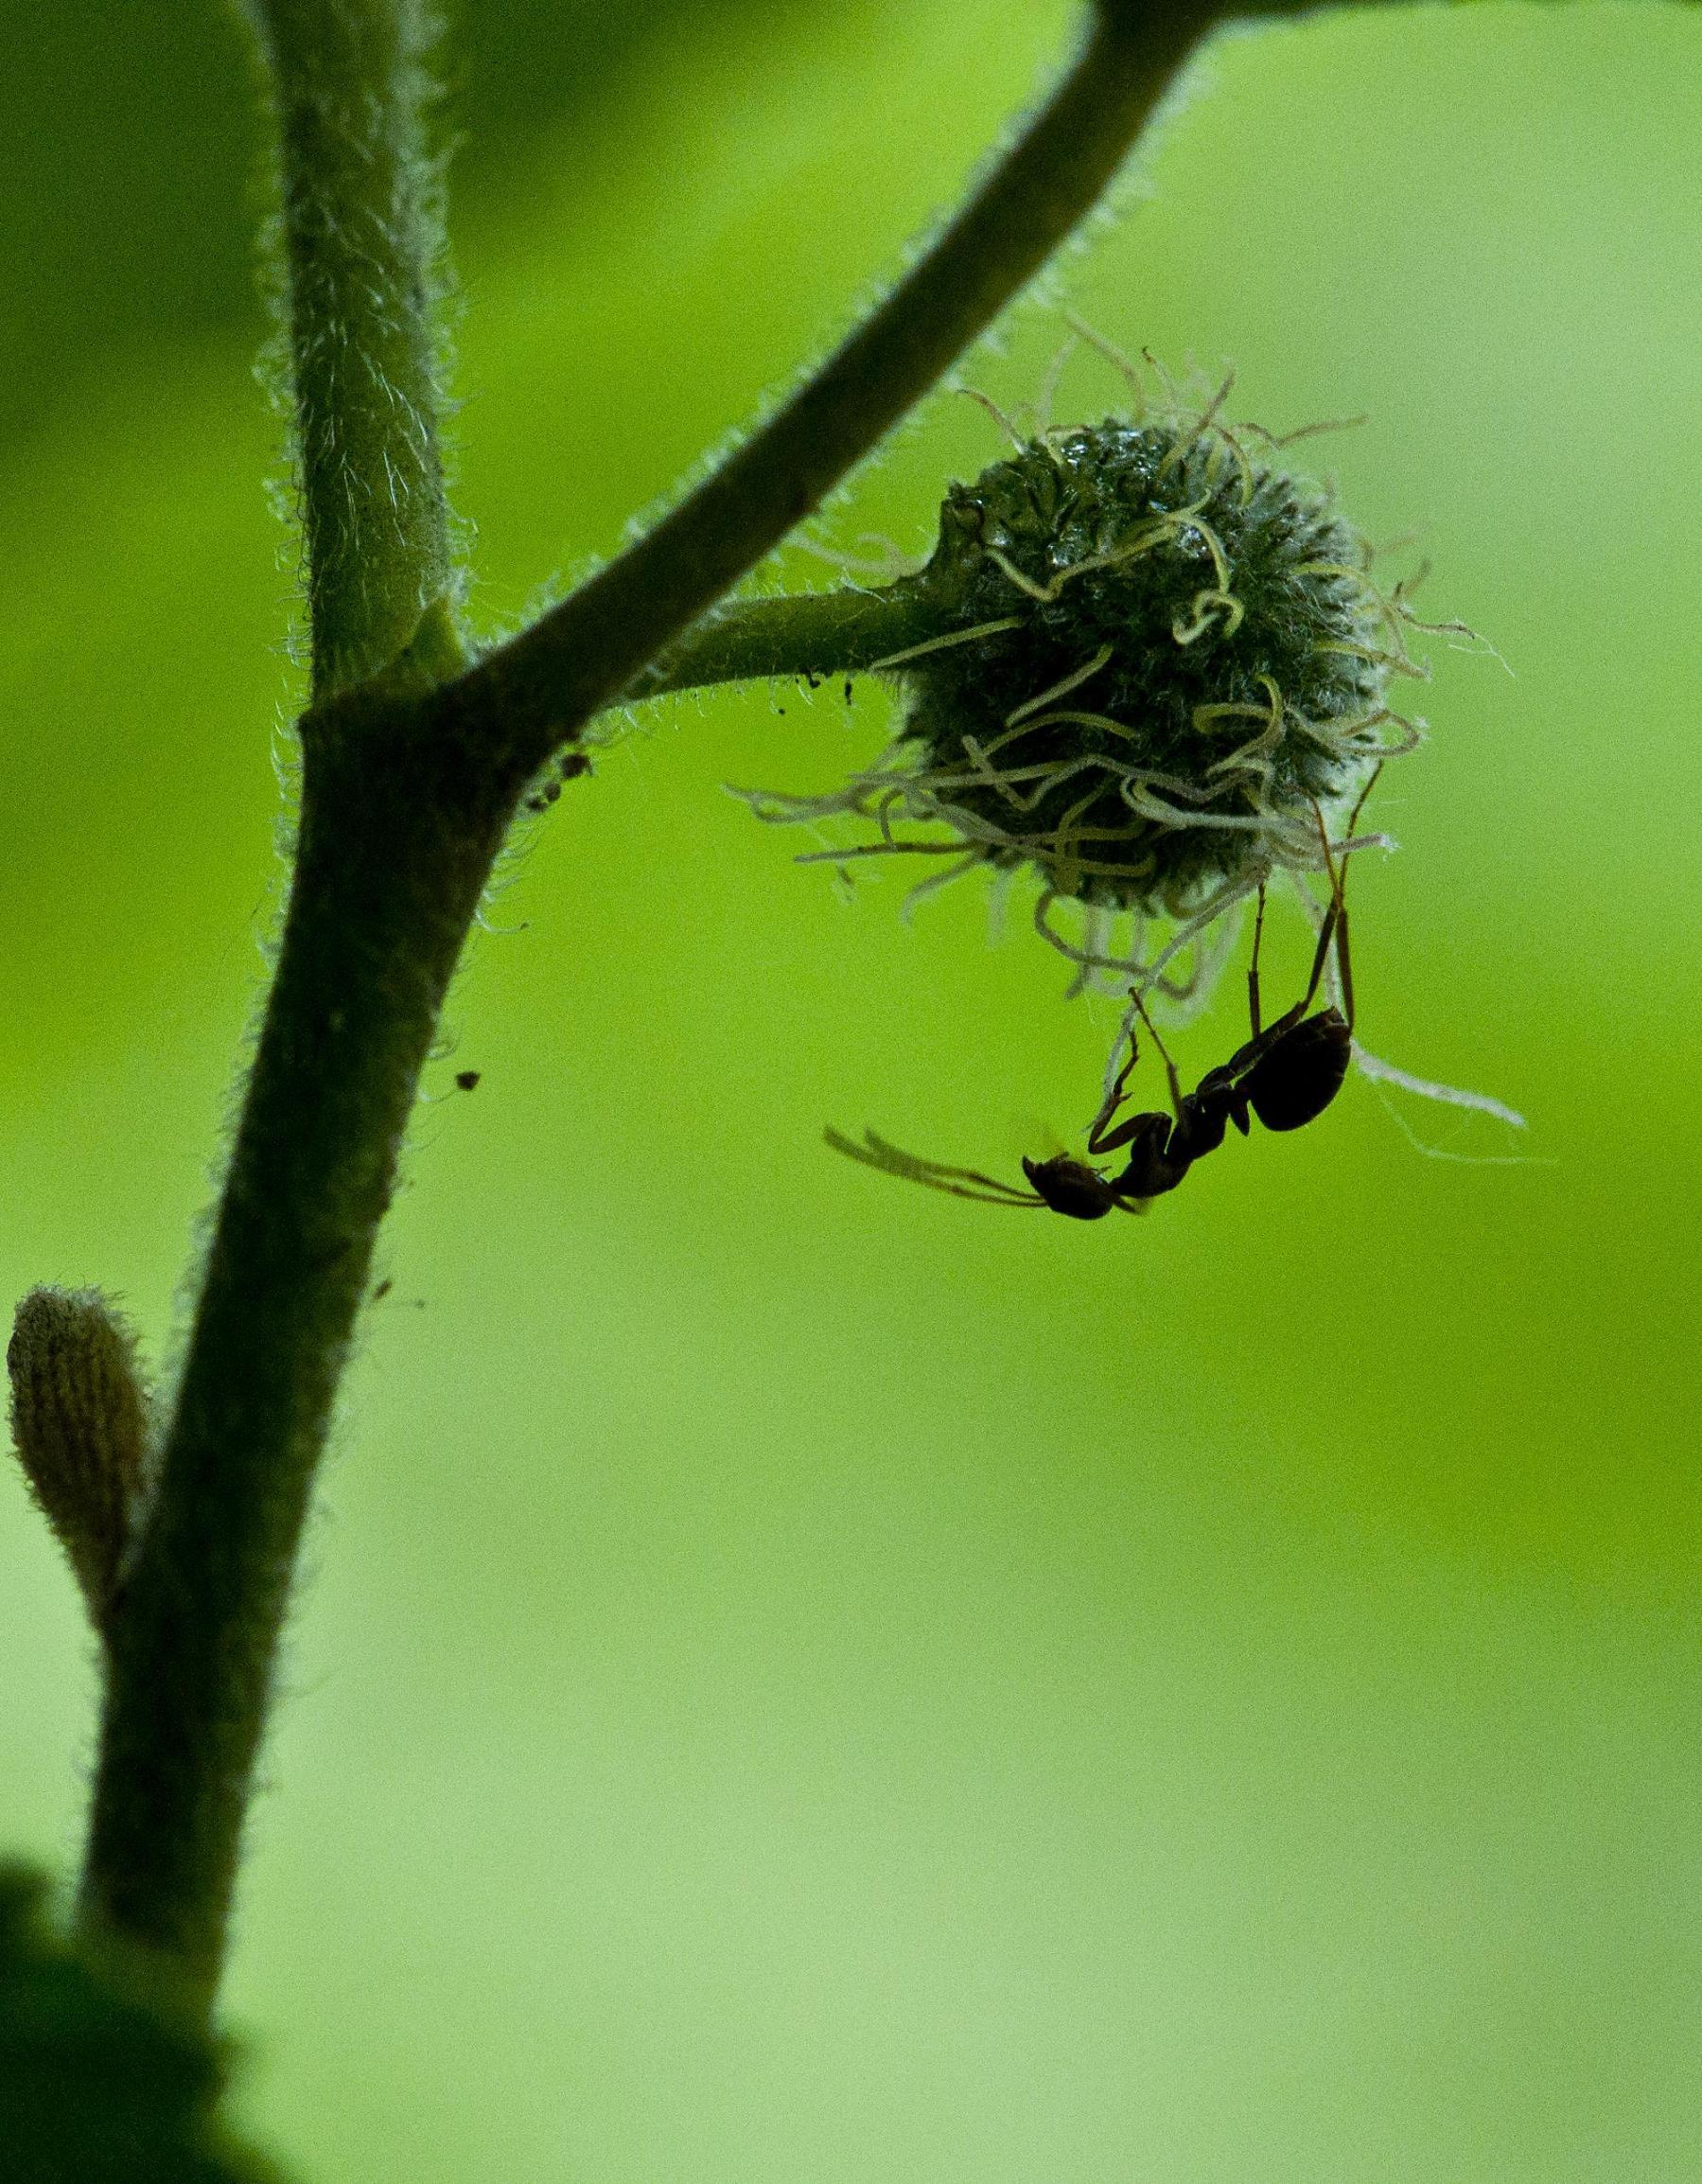 定焦手作品:第一次用百微拍昆虫